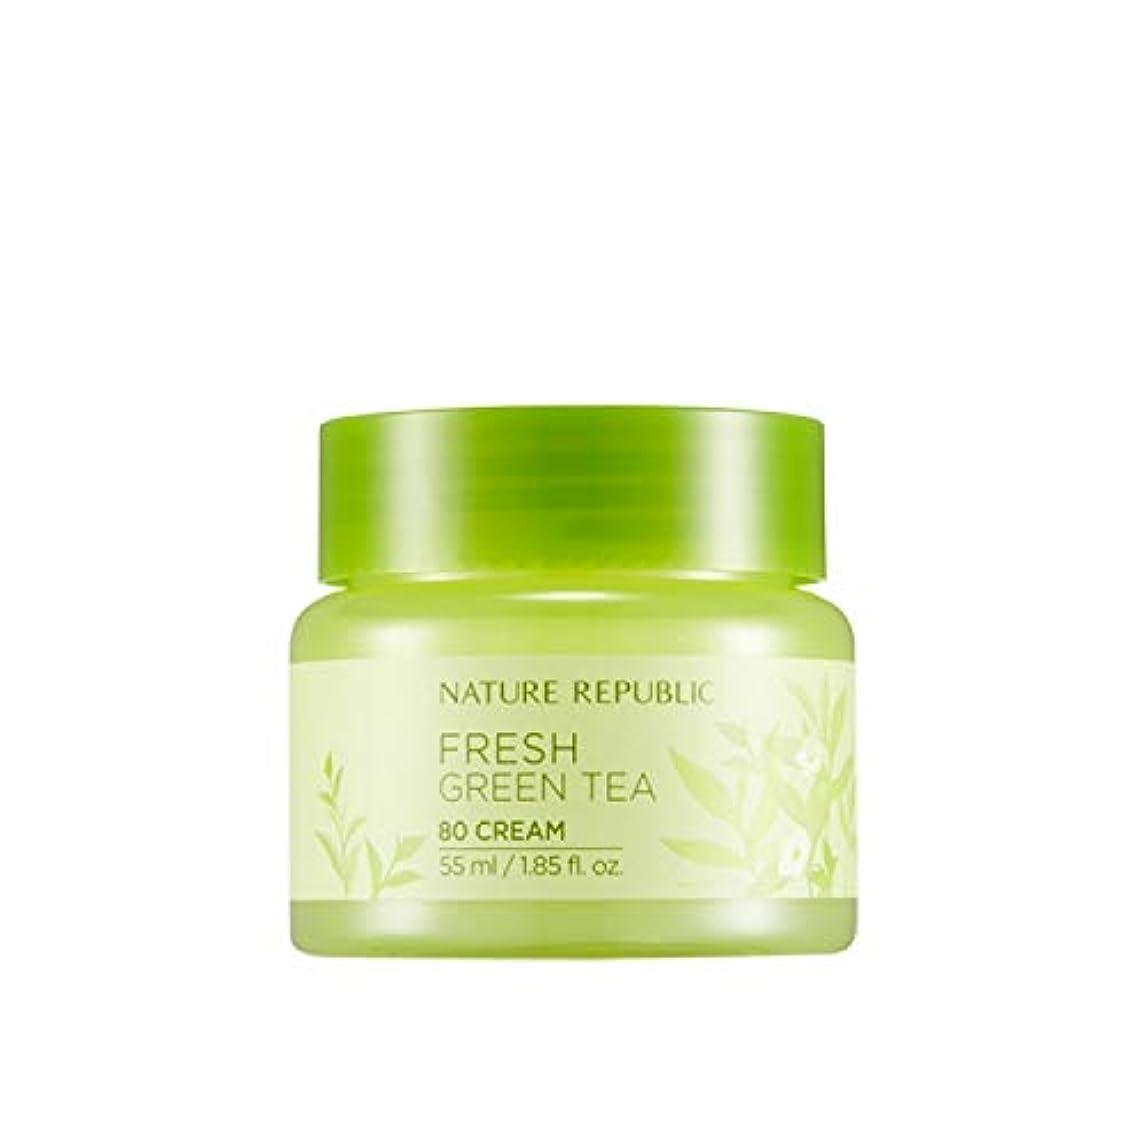 お風呂を持っている基礎分析的ネイチャーリパブリック(Nature Republic)フレッシュグリーンティー80クリーム 55ml / Fresh Green Tea 80 Cream 55ml :: 韓国コスメ [並行輸入品]